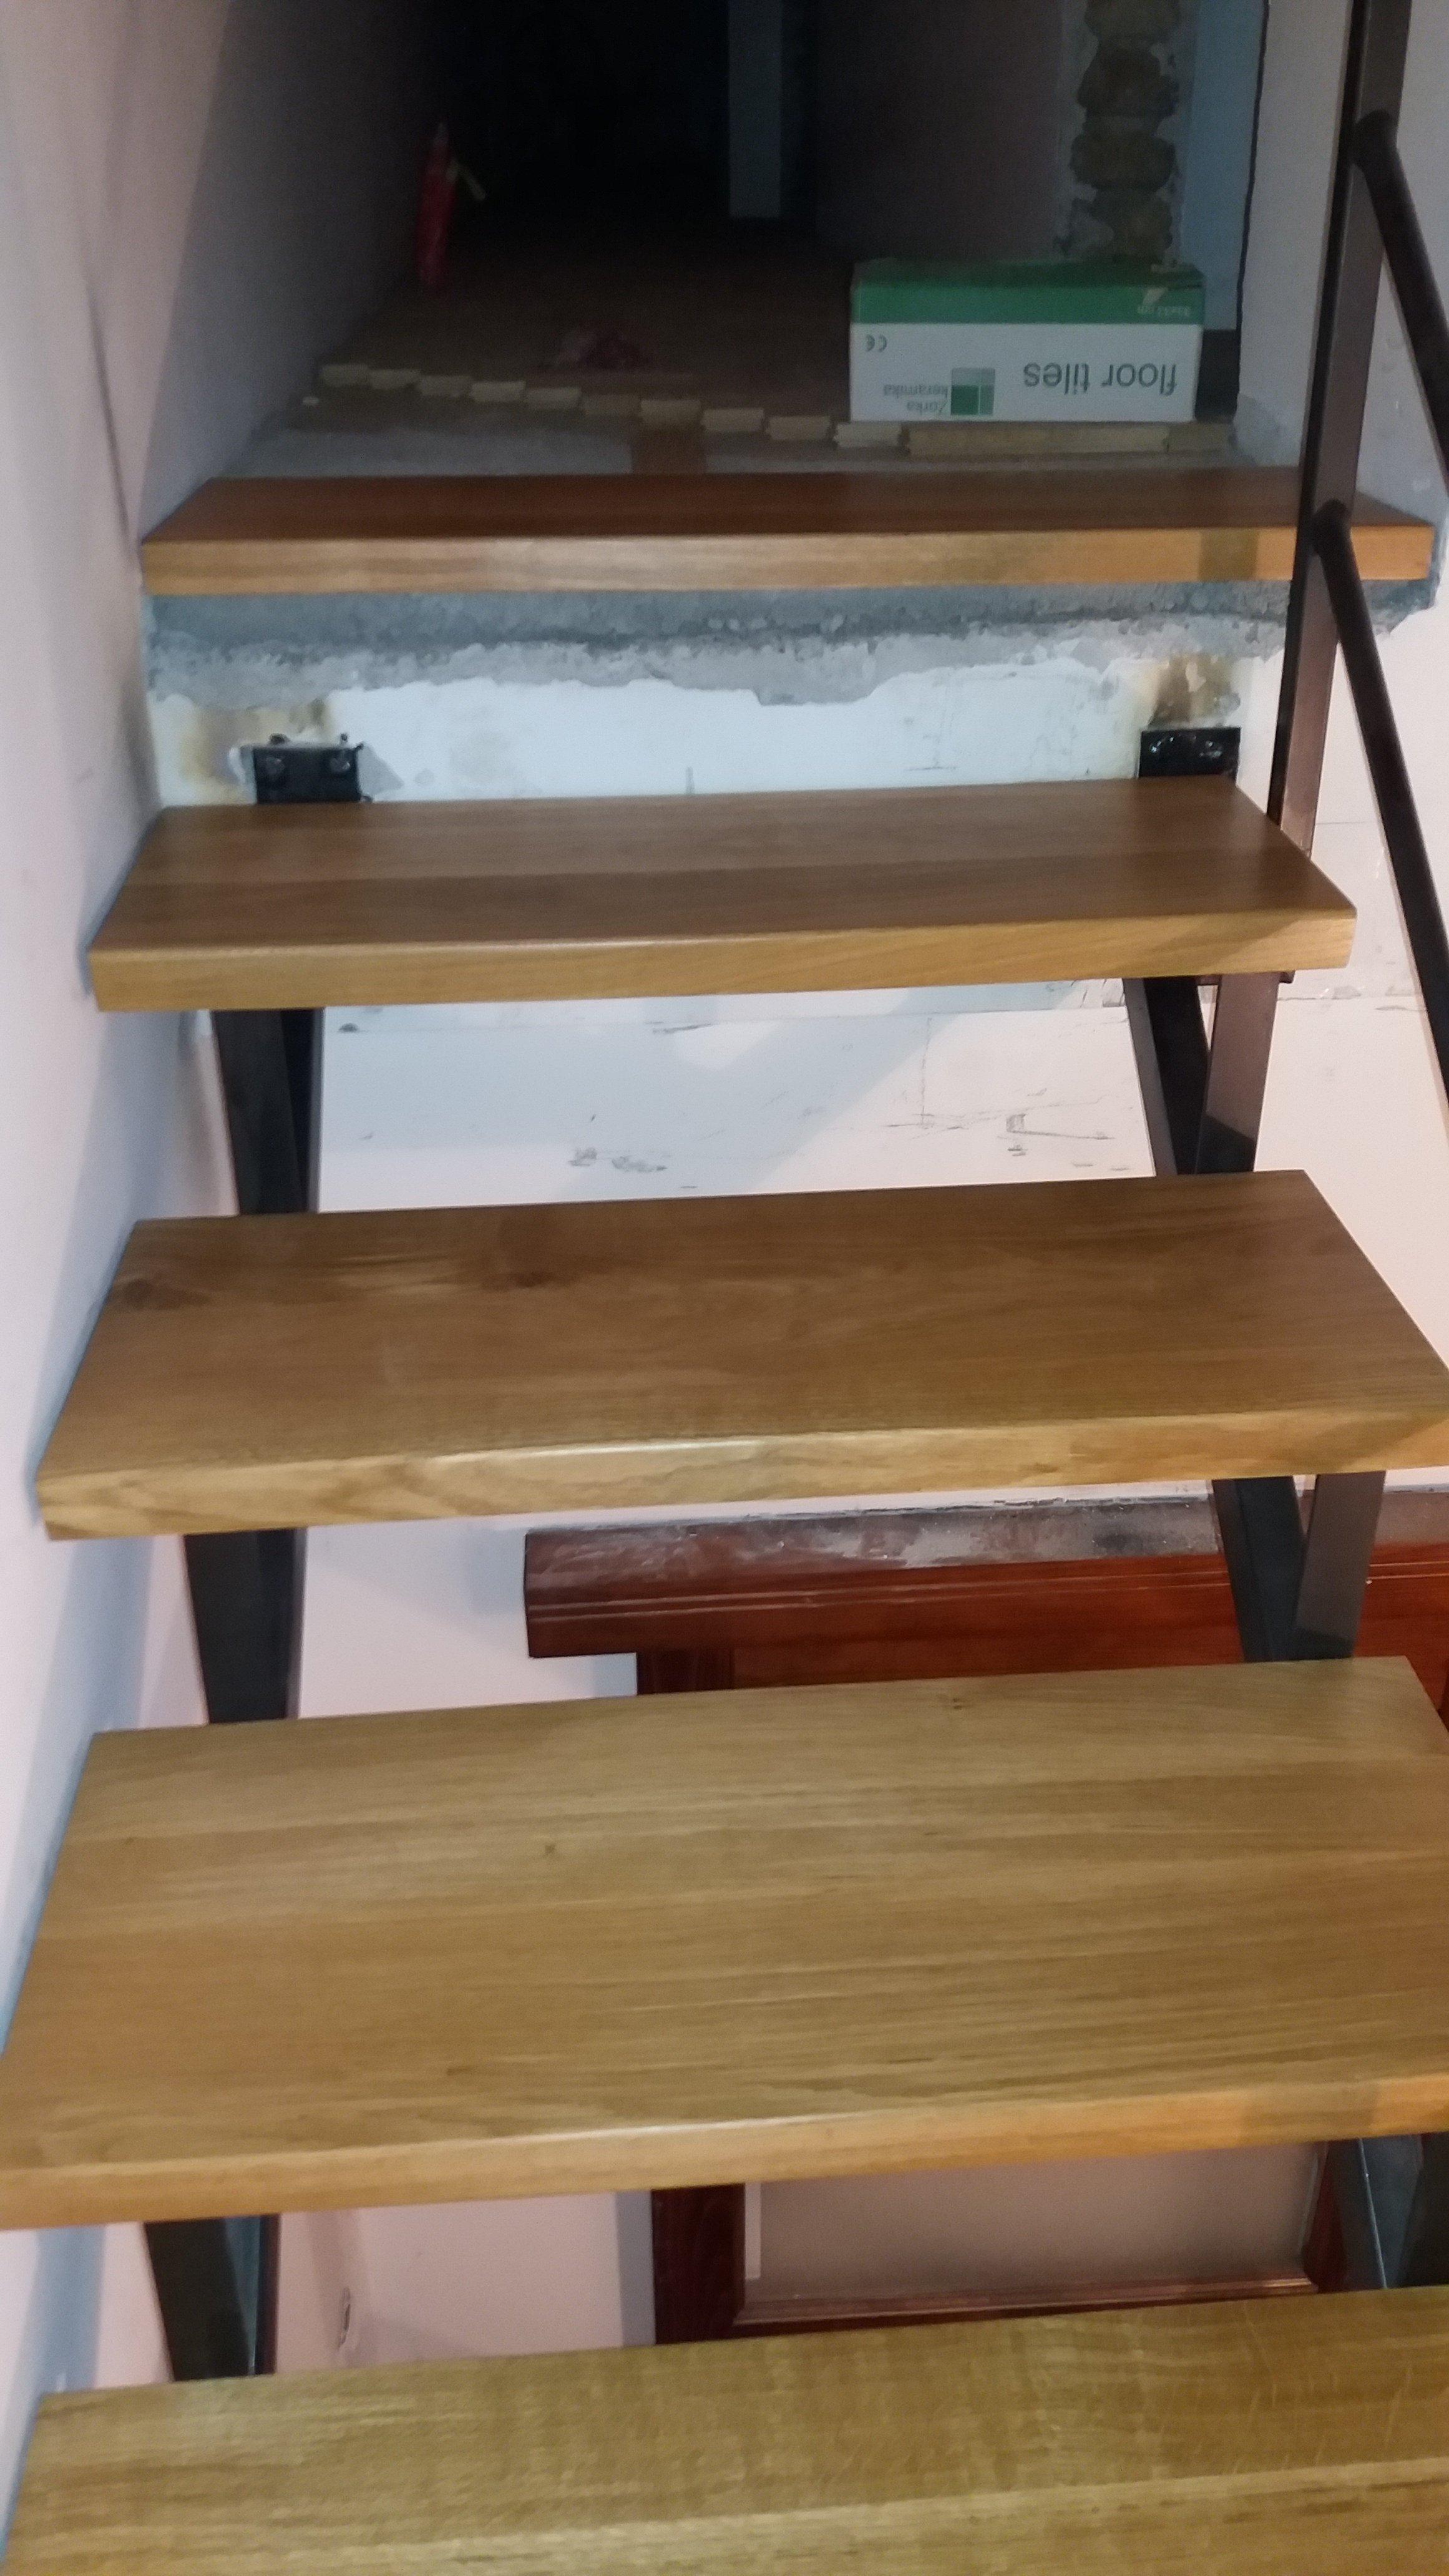 Hrastova gazišta za stepenice po meri